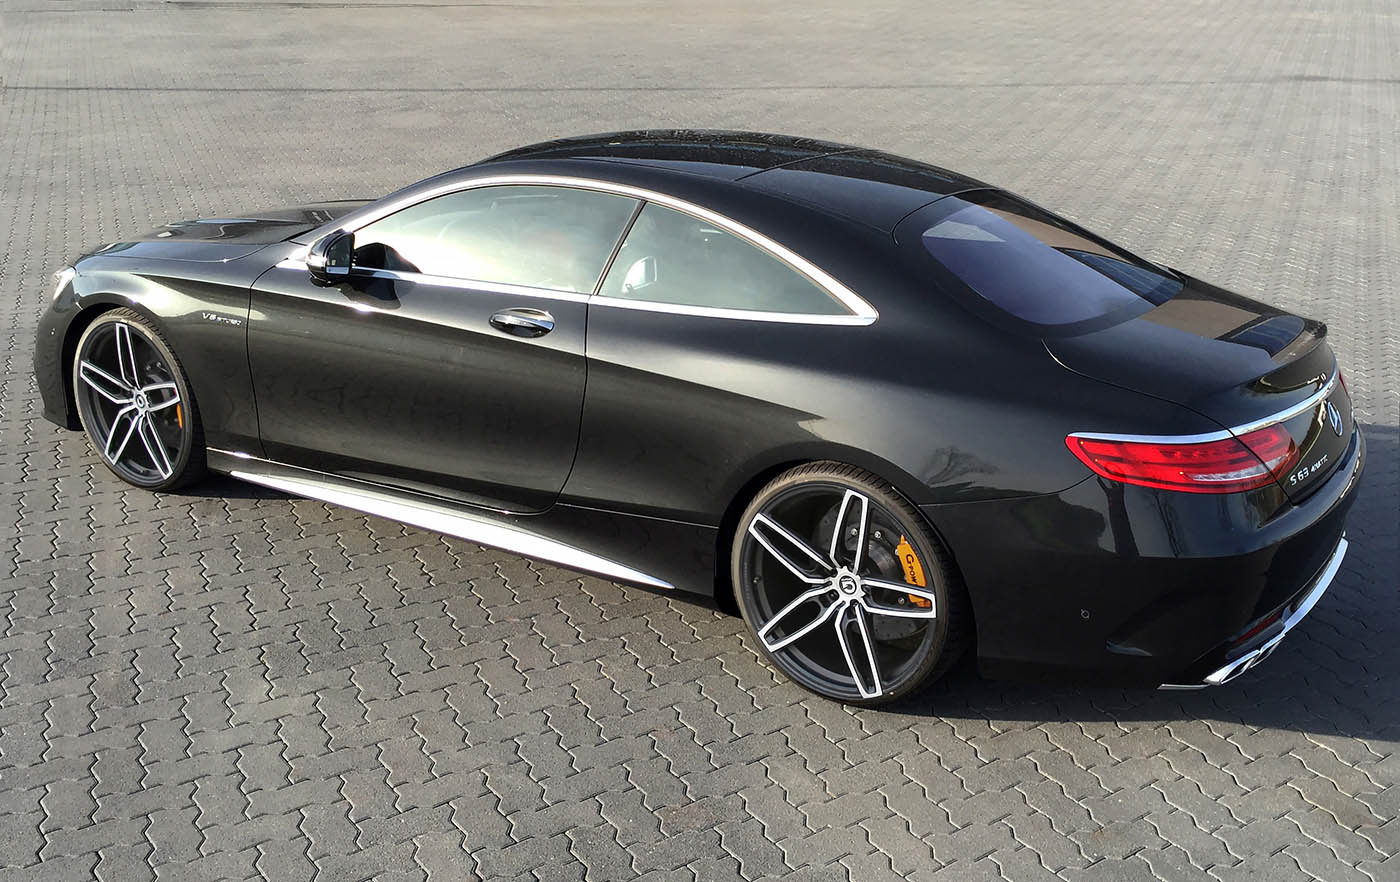 G Power Pakt Eerste Mercedes Amg Aan S Klasse Coup 233